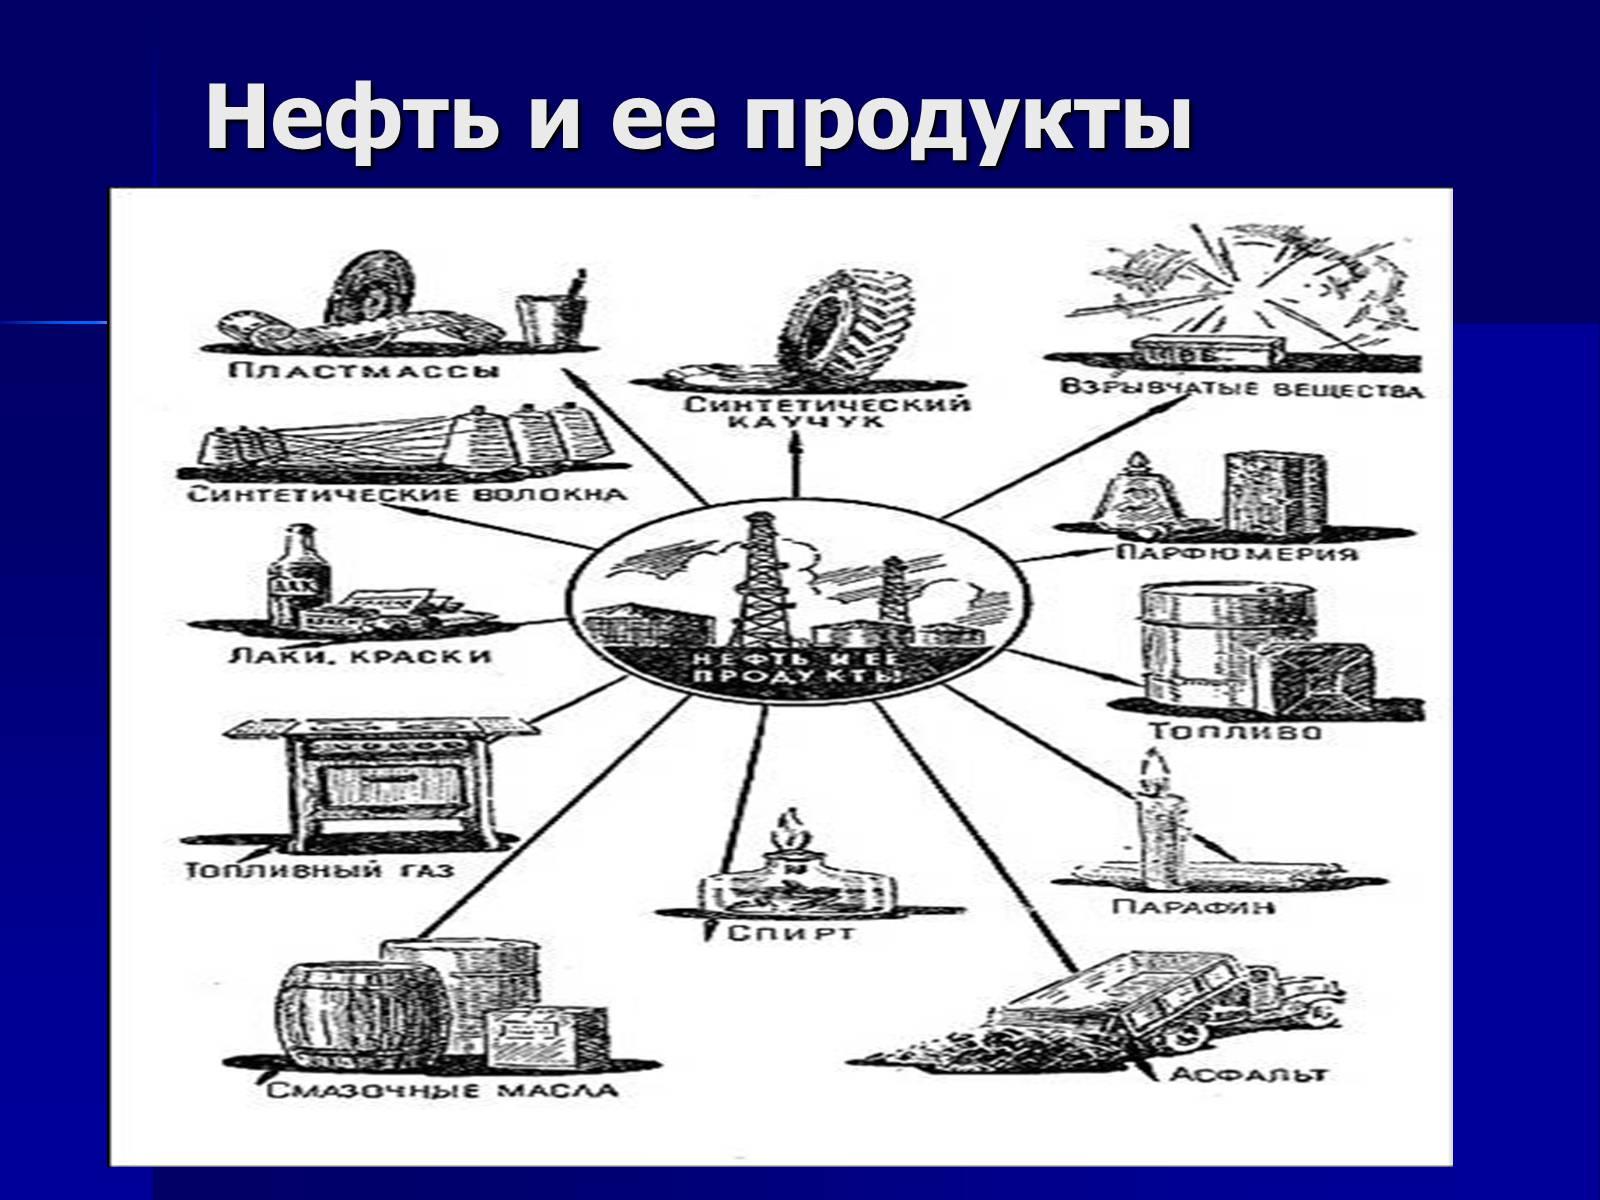 Схема продуктов из нефти